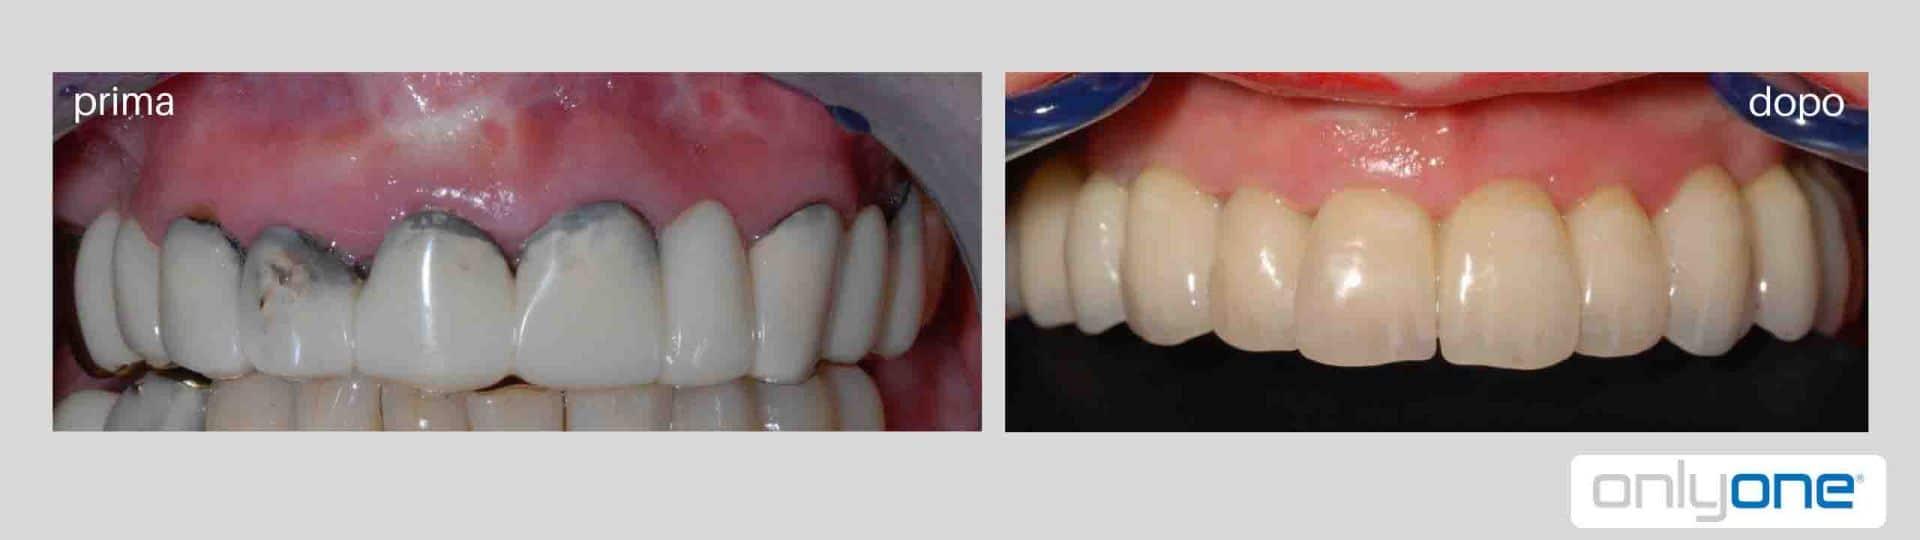 implantologia a carico immediato prima e dopo